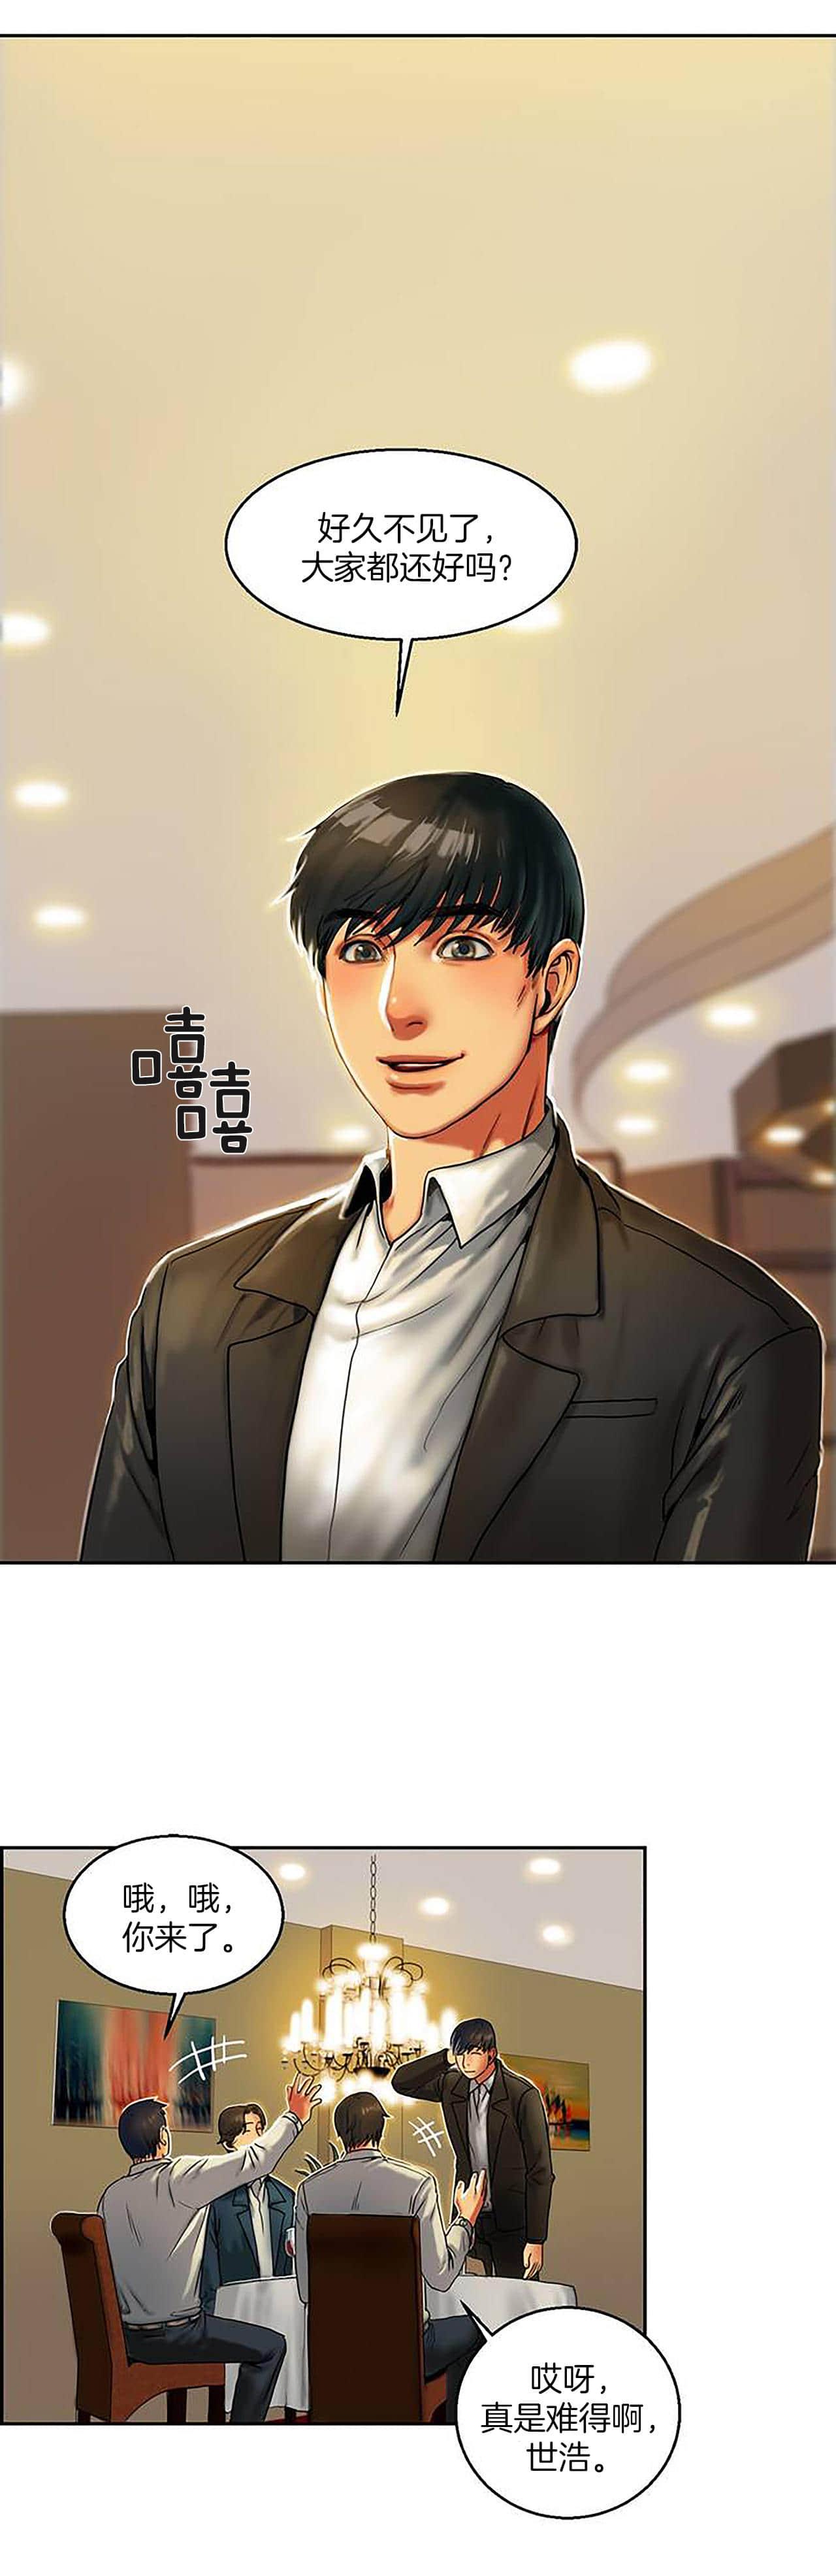 美女喂奶漫画下拉式全彩高清韩漫免费在线阅读